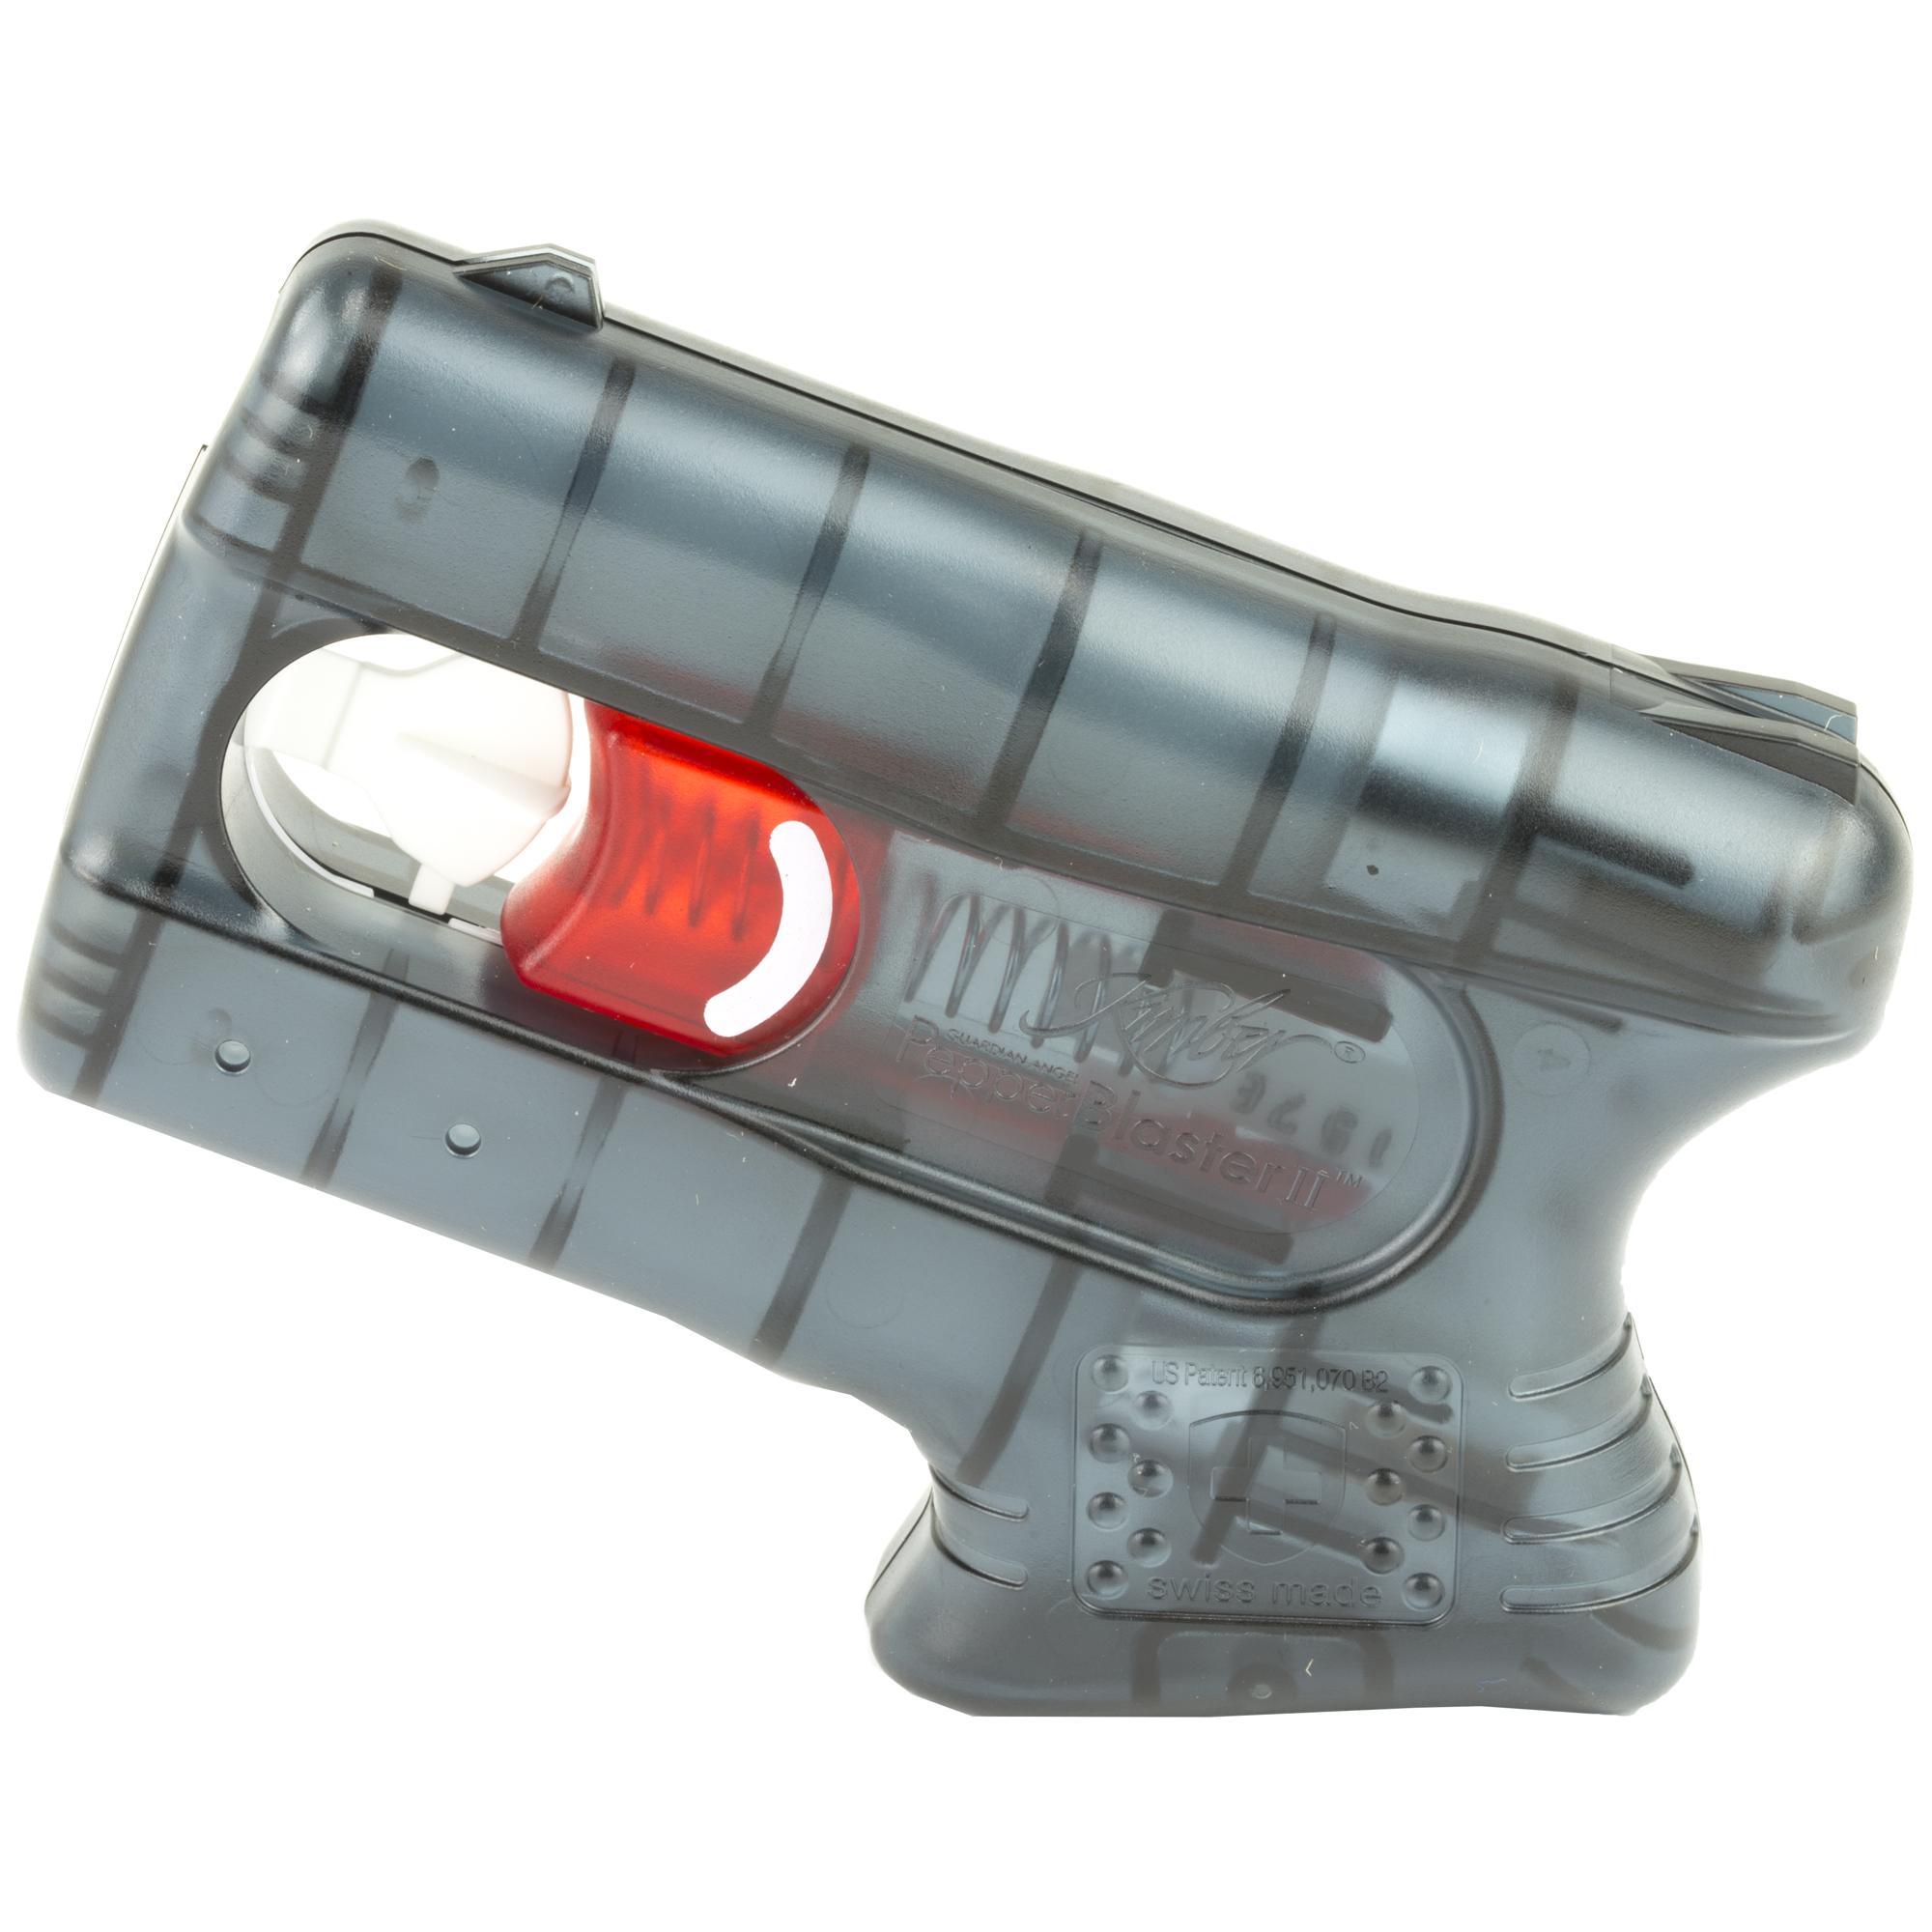 Kimber Pepperblaster Ii Gr Oc Spray